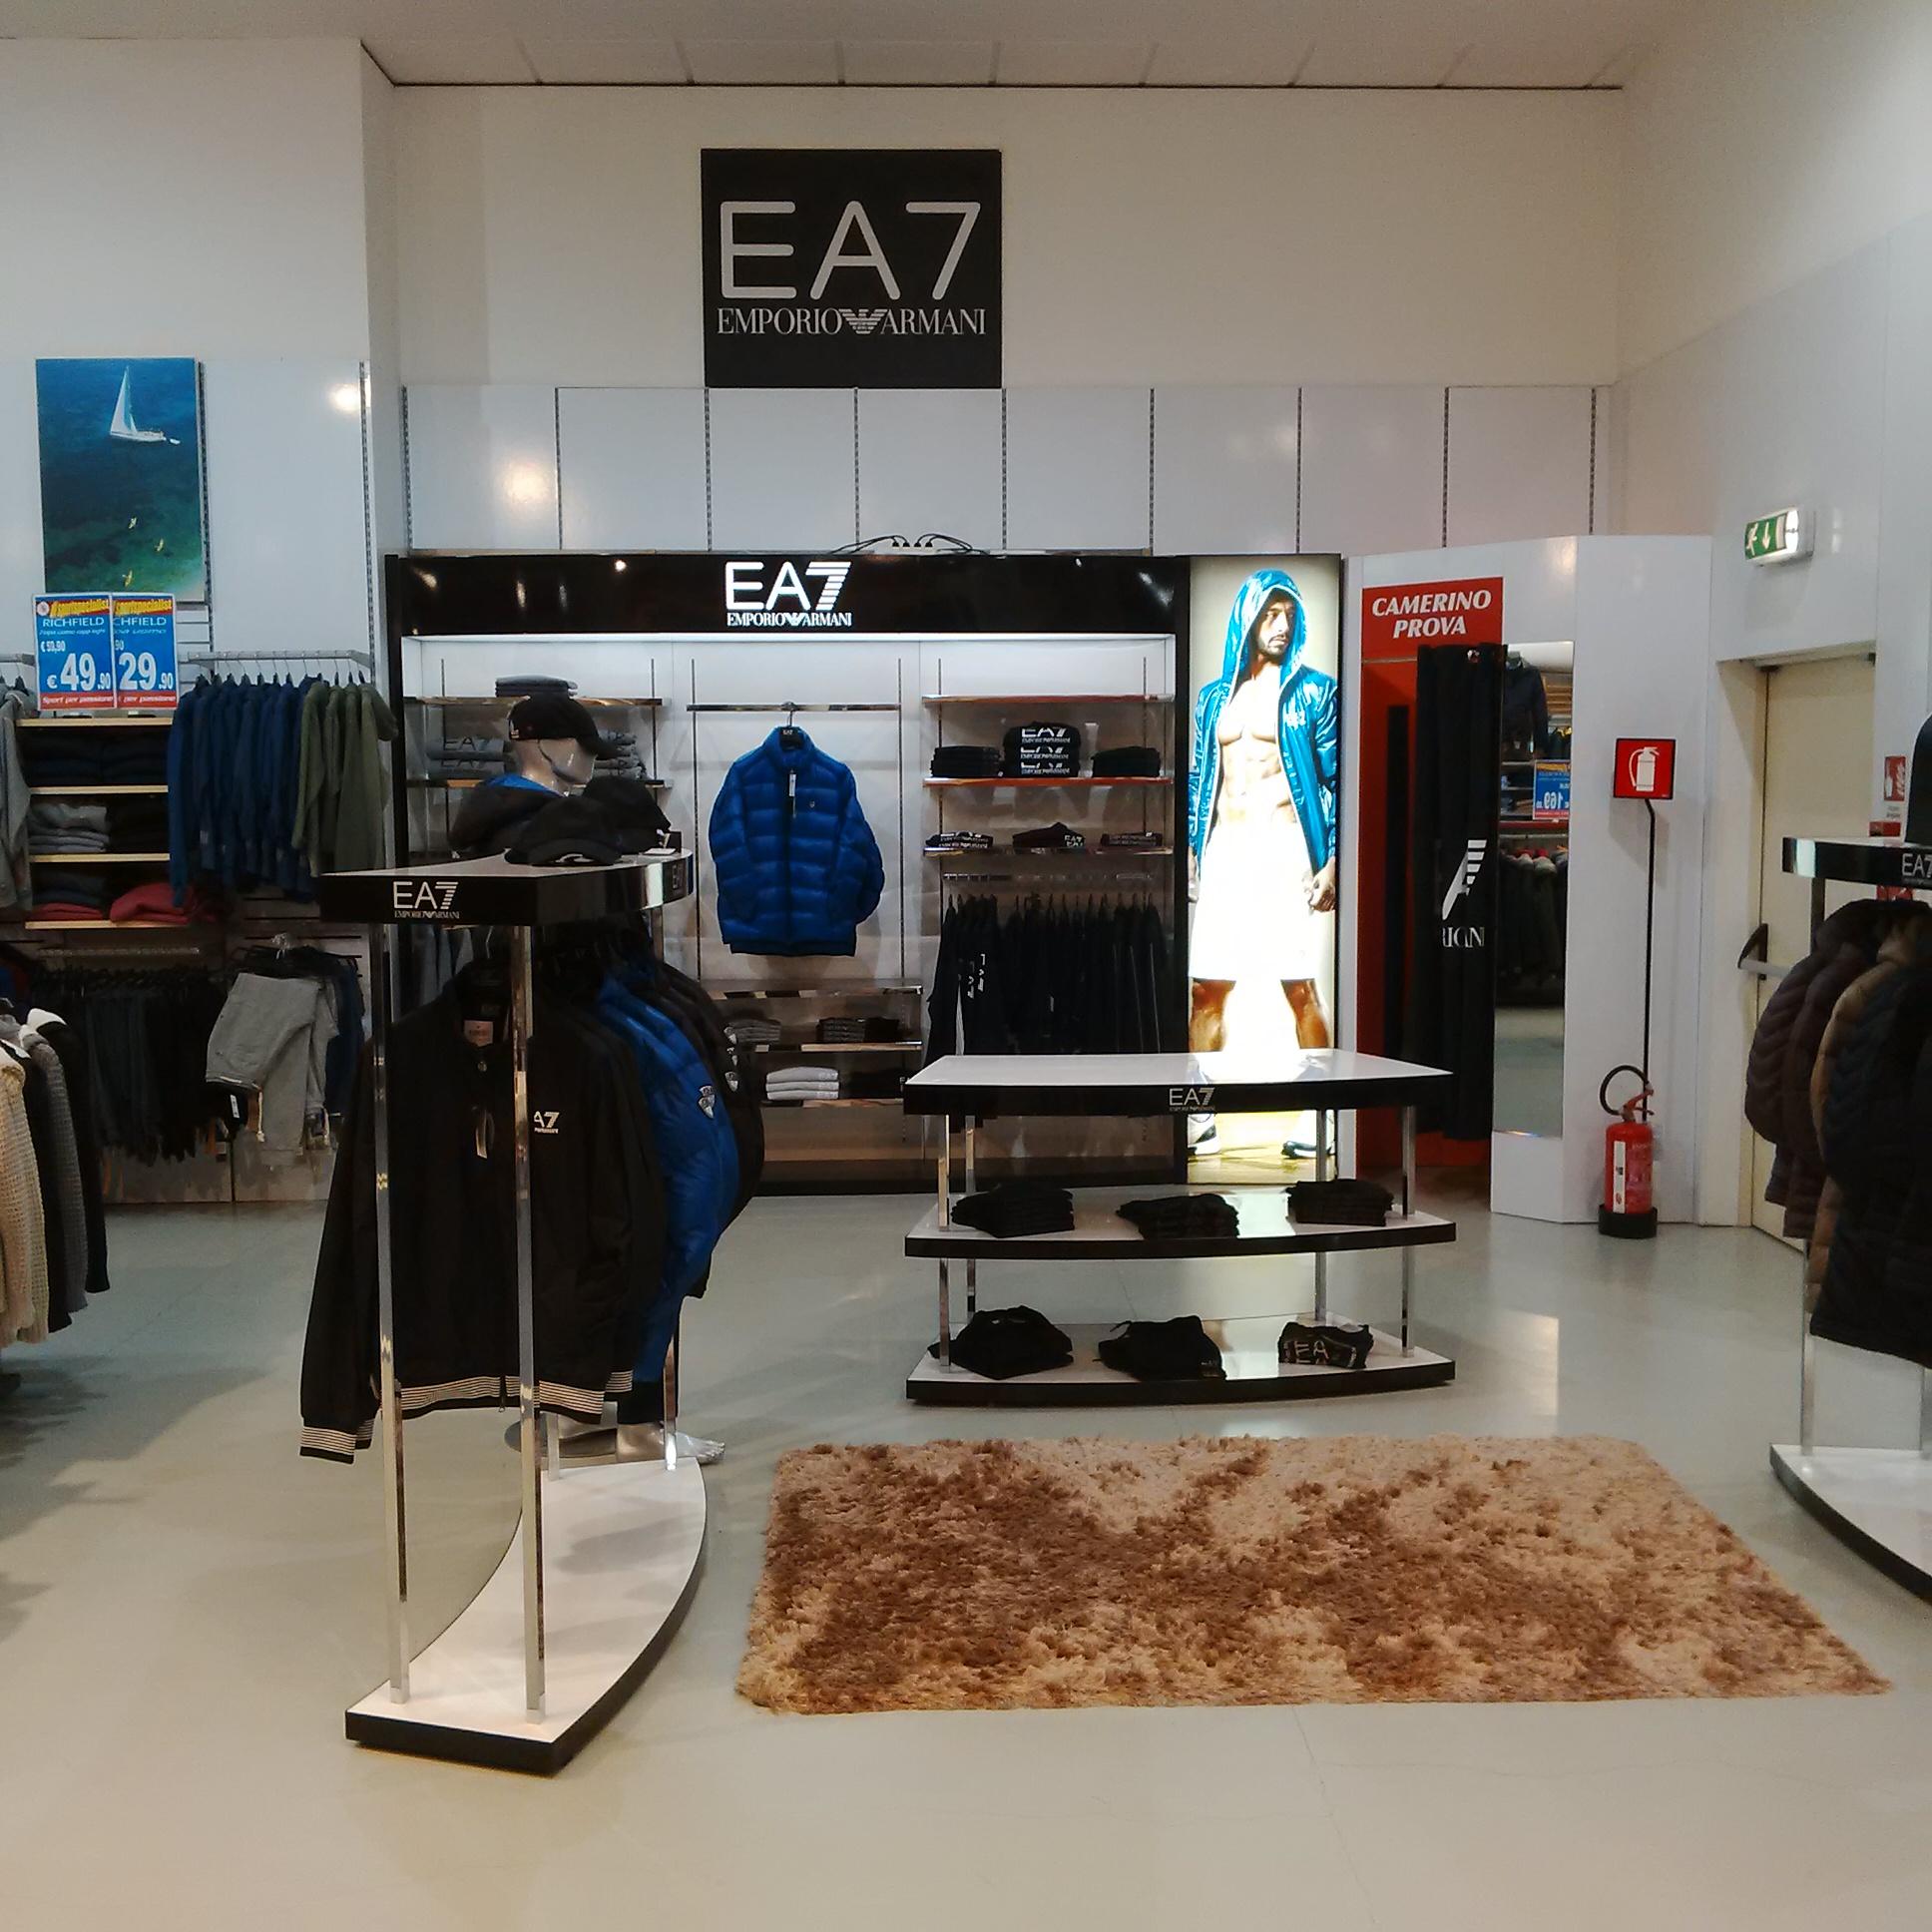 Installazioni: EA7 interno allestito